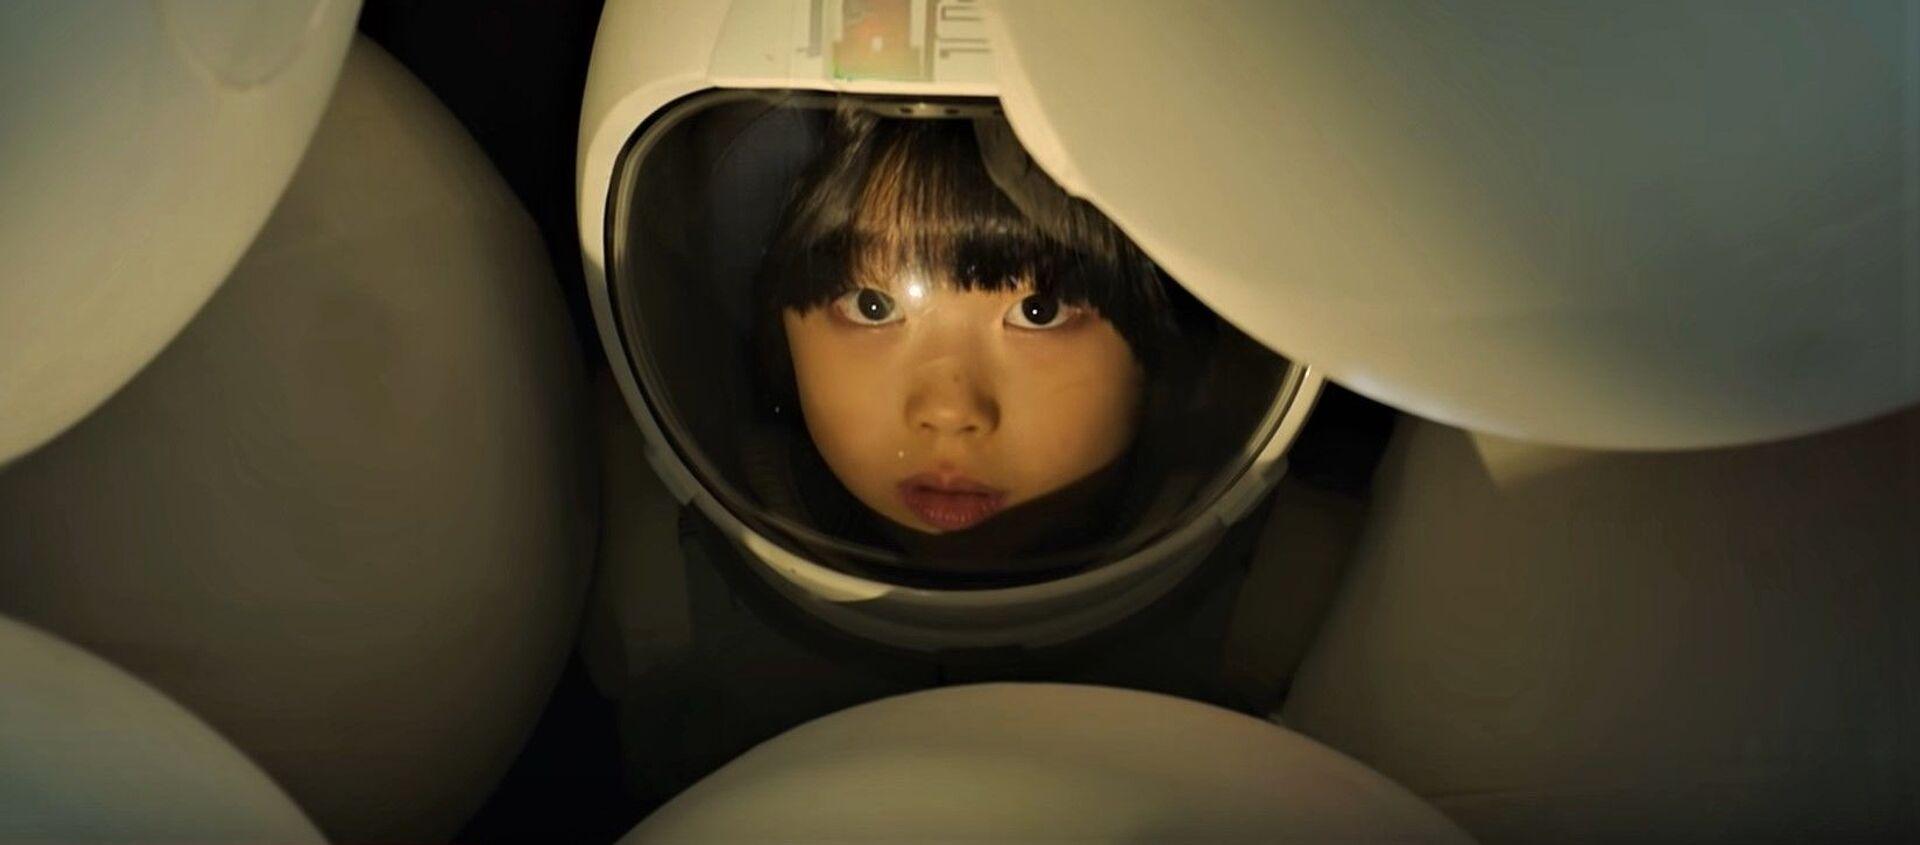 「スペース・スウィーパーズ」 - Sputnik 日本, 1920, 17.02.2021